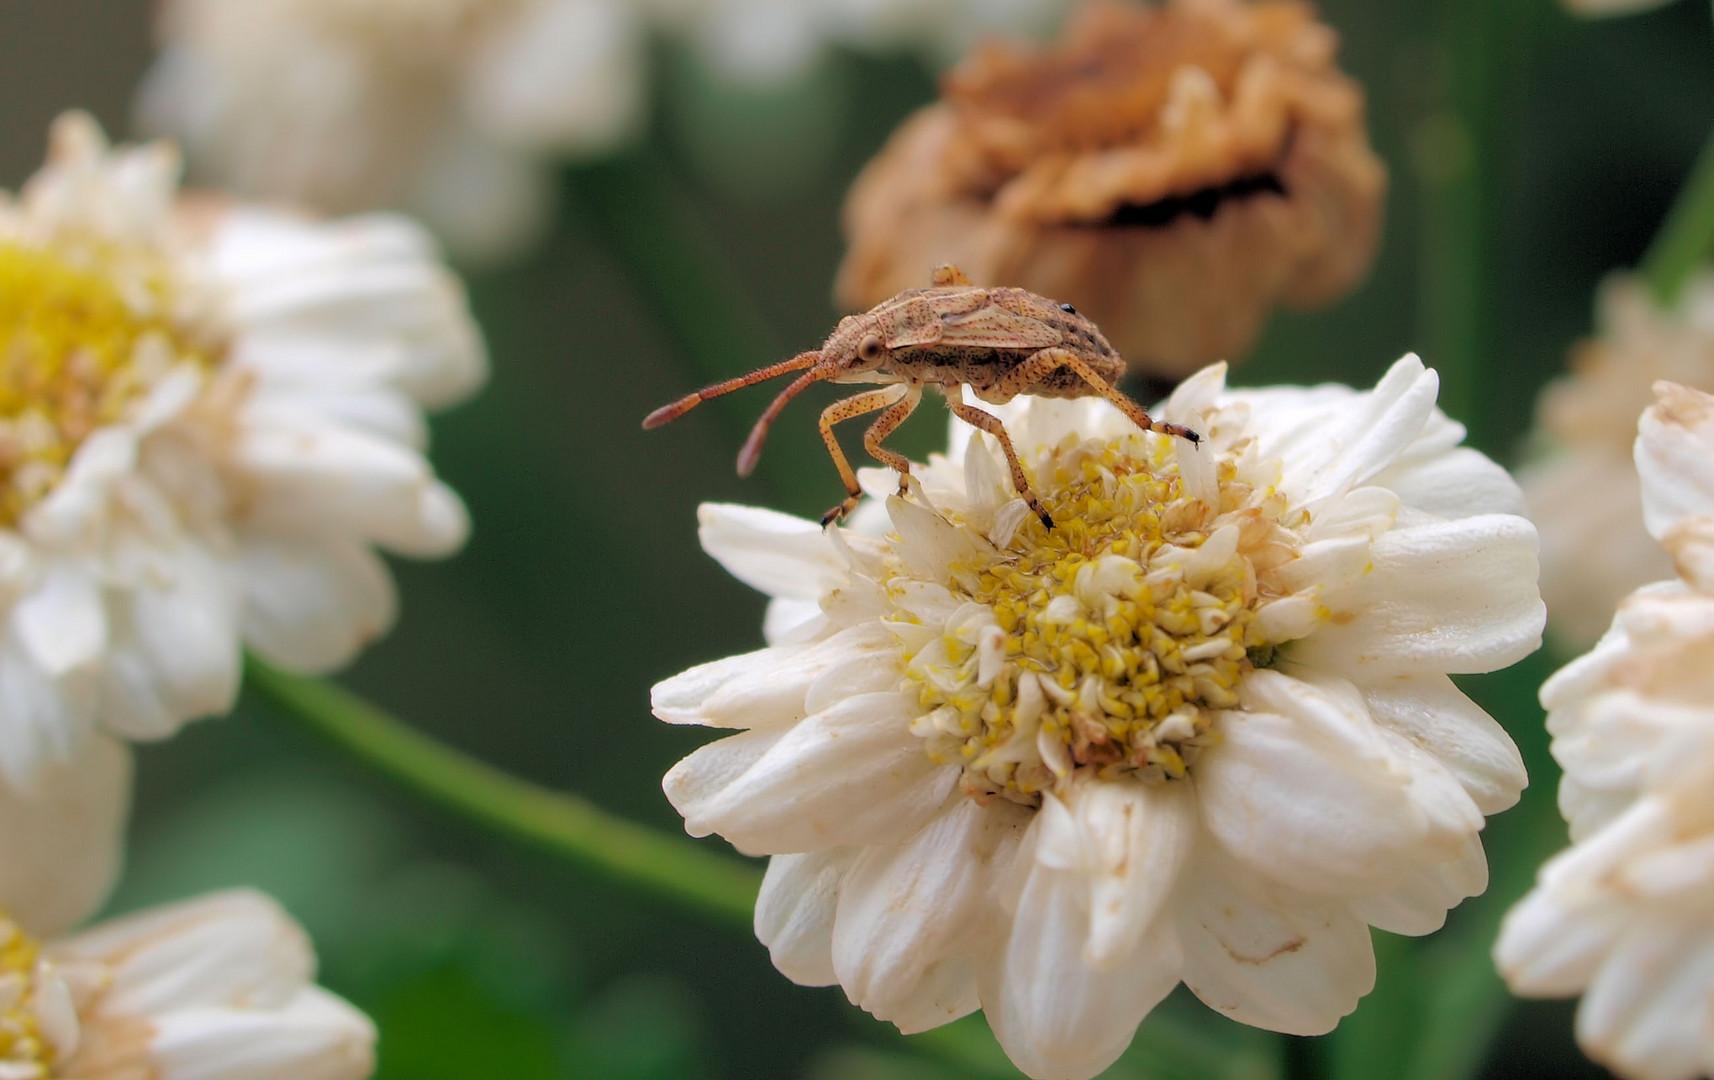 Stictopleurus abutilon Larve